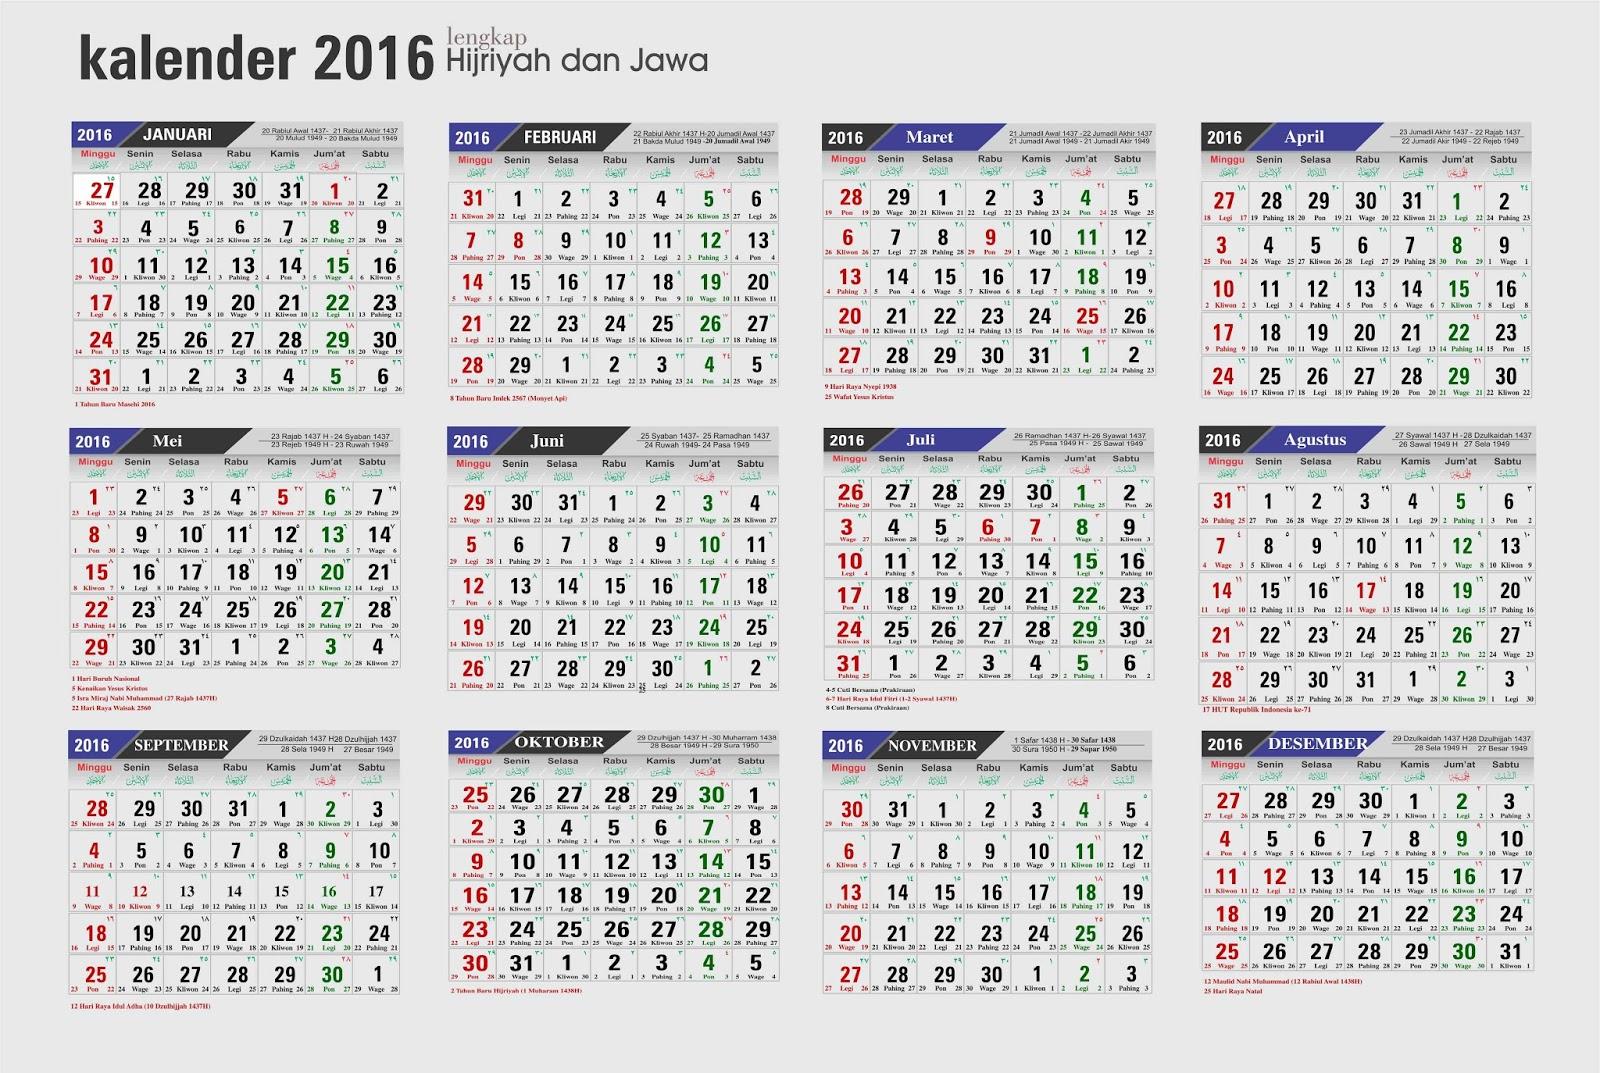 kalender 2016 b indonesia search results calendar 2015. Black Bedroom Furniture Sets. Home Design Ideas